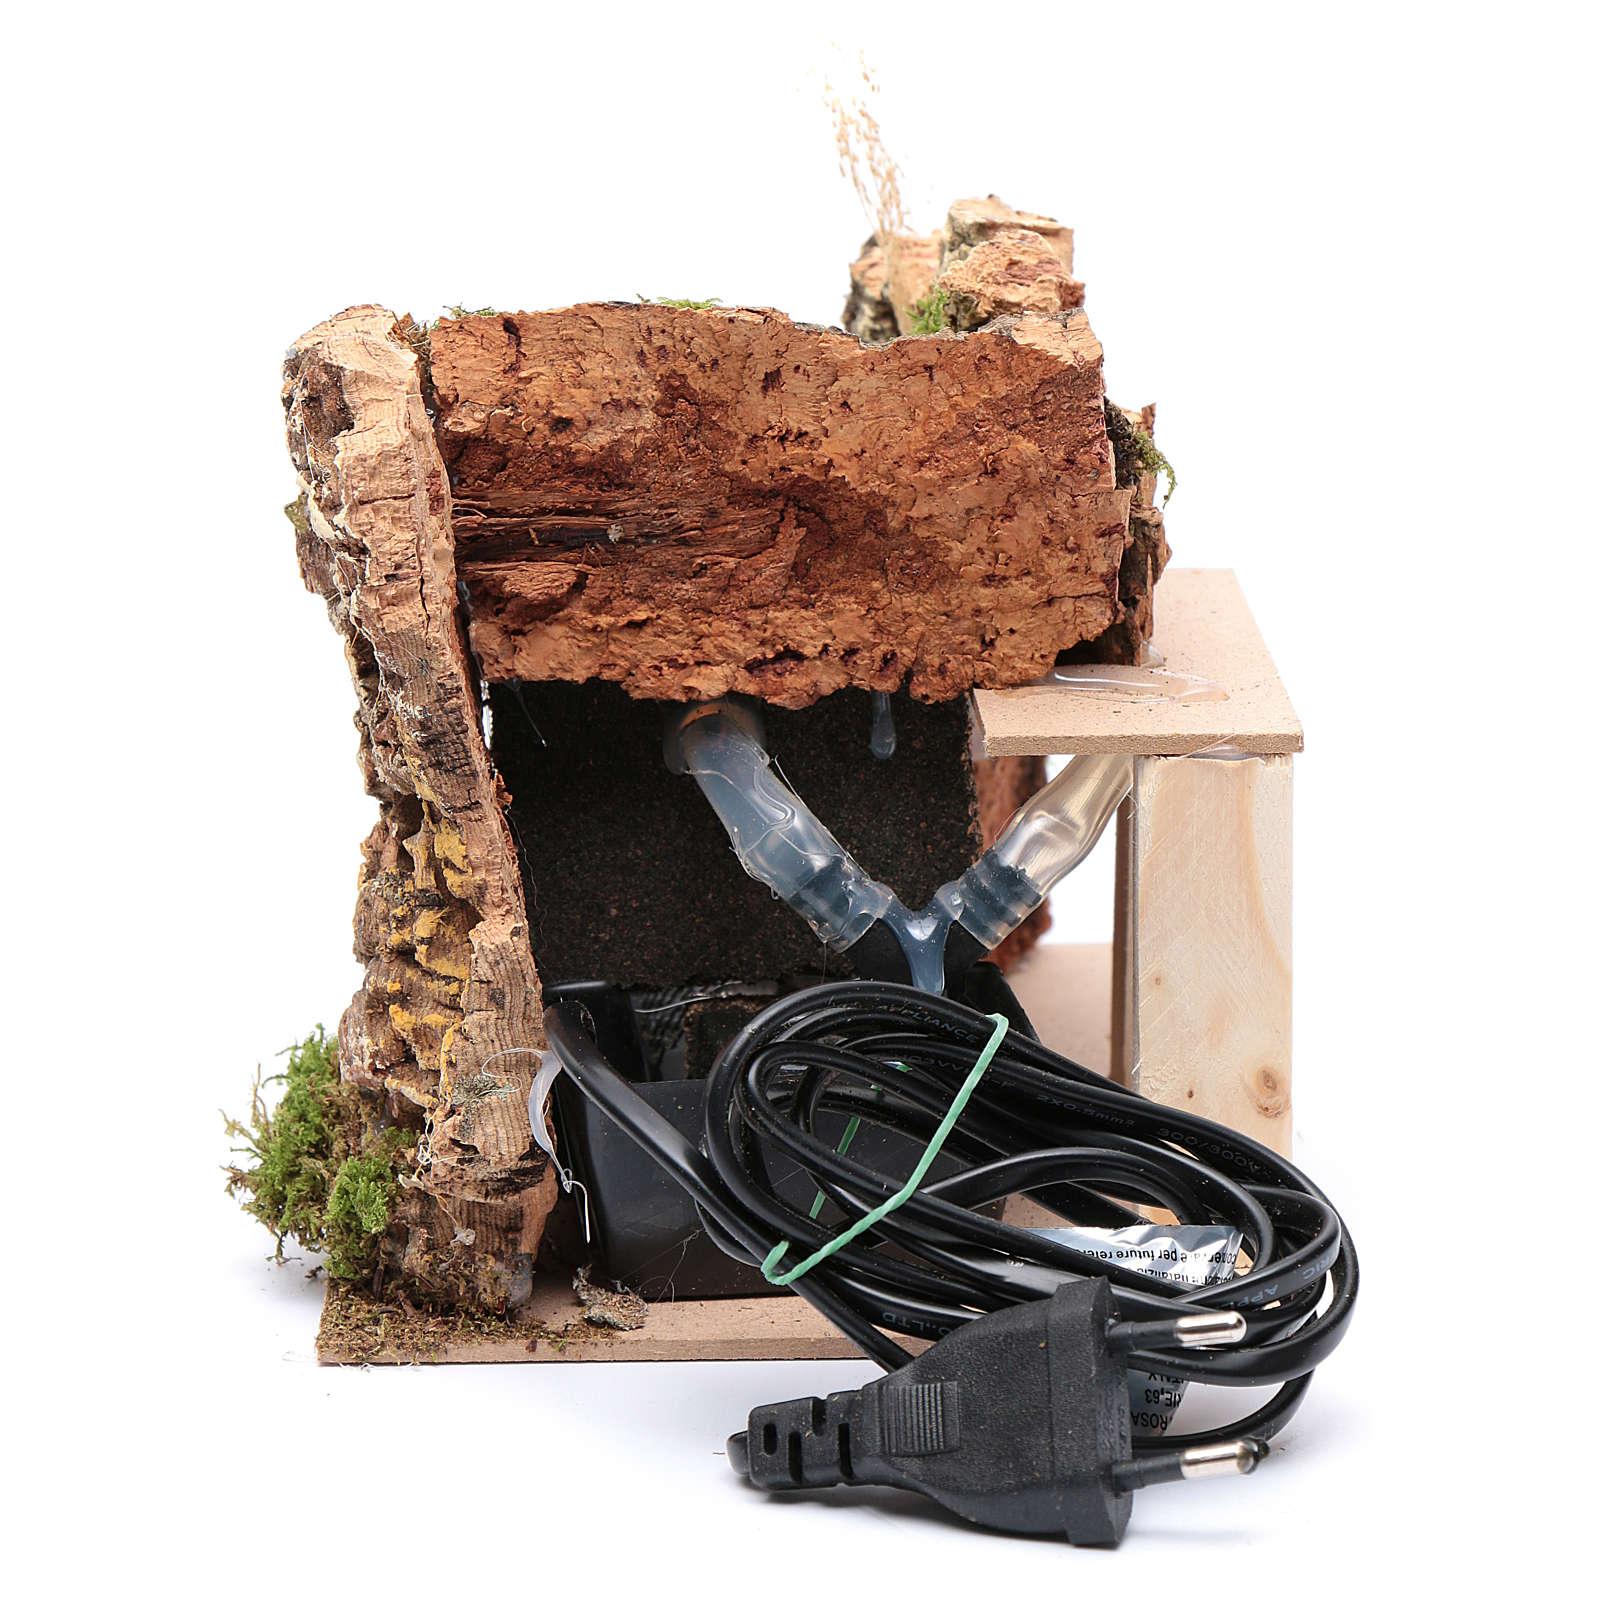 Ambientación fuente con bomba y pared rocosa 15x20x15 4